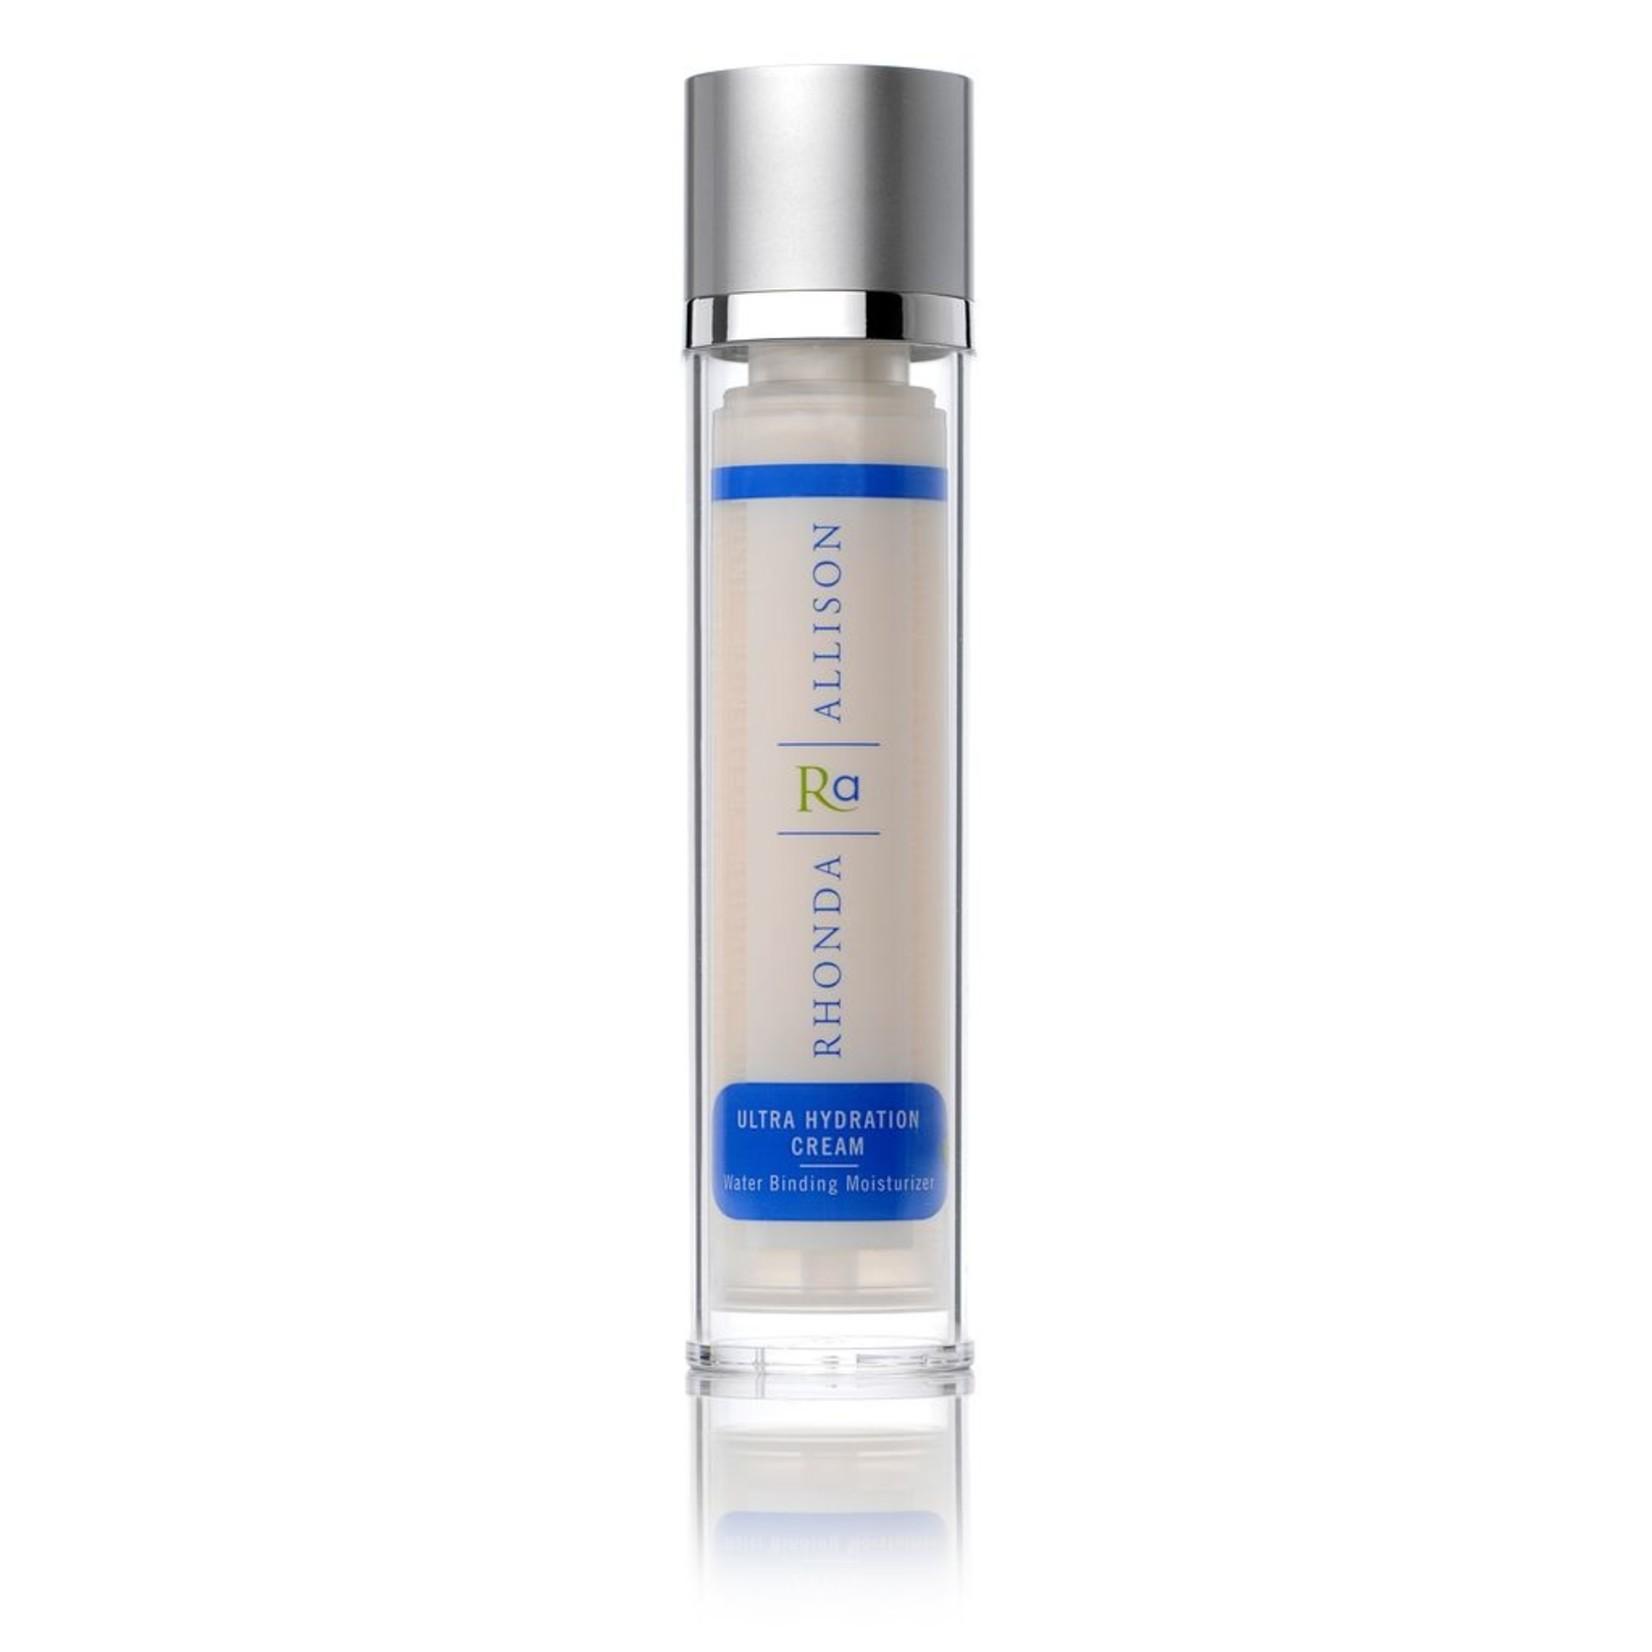 Ultra Hydration Cream 50 ml - HA Hydration Cream